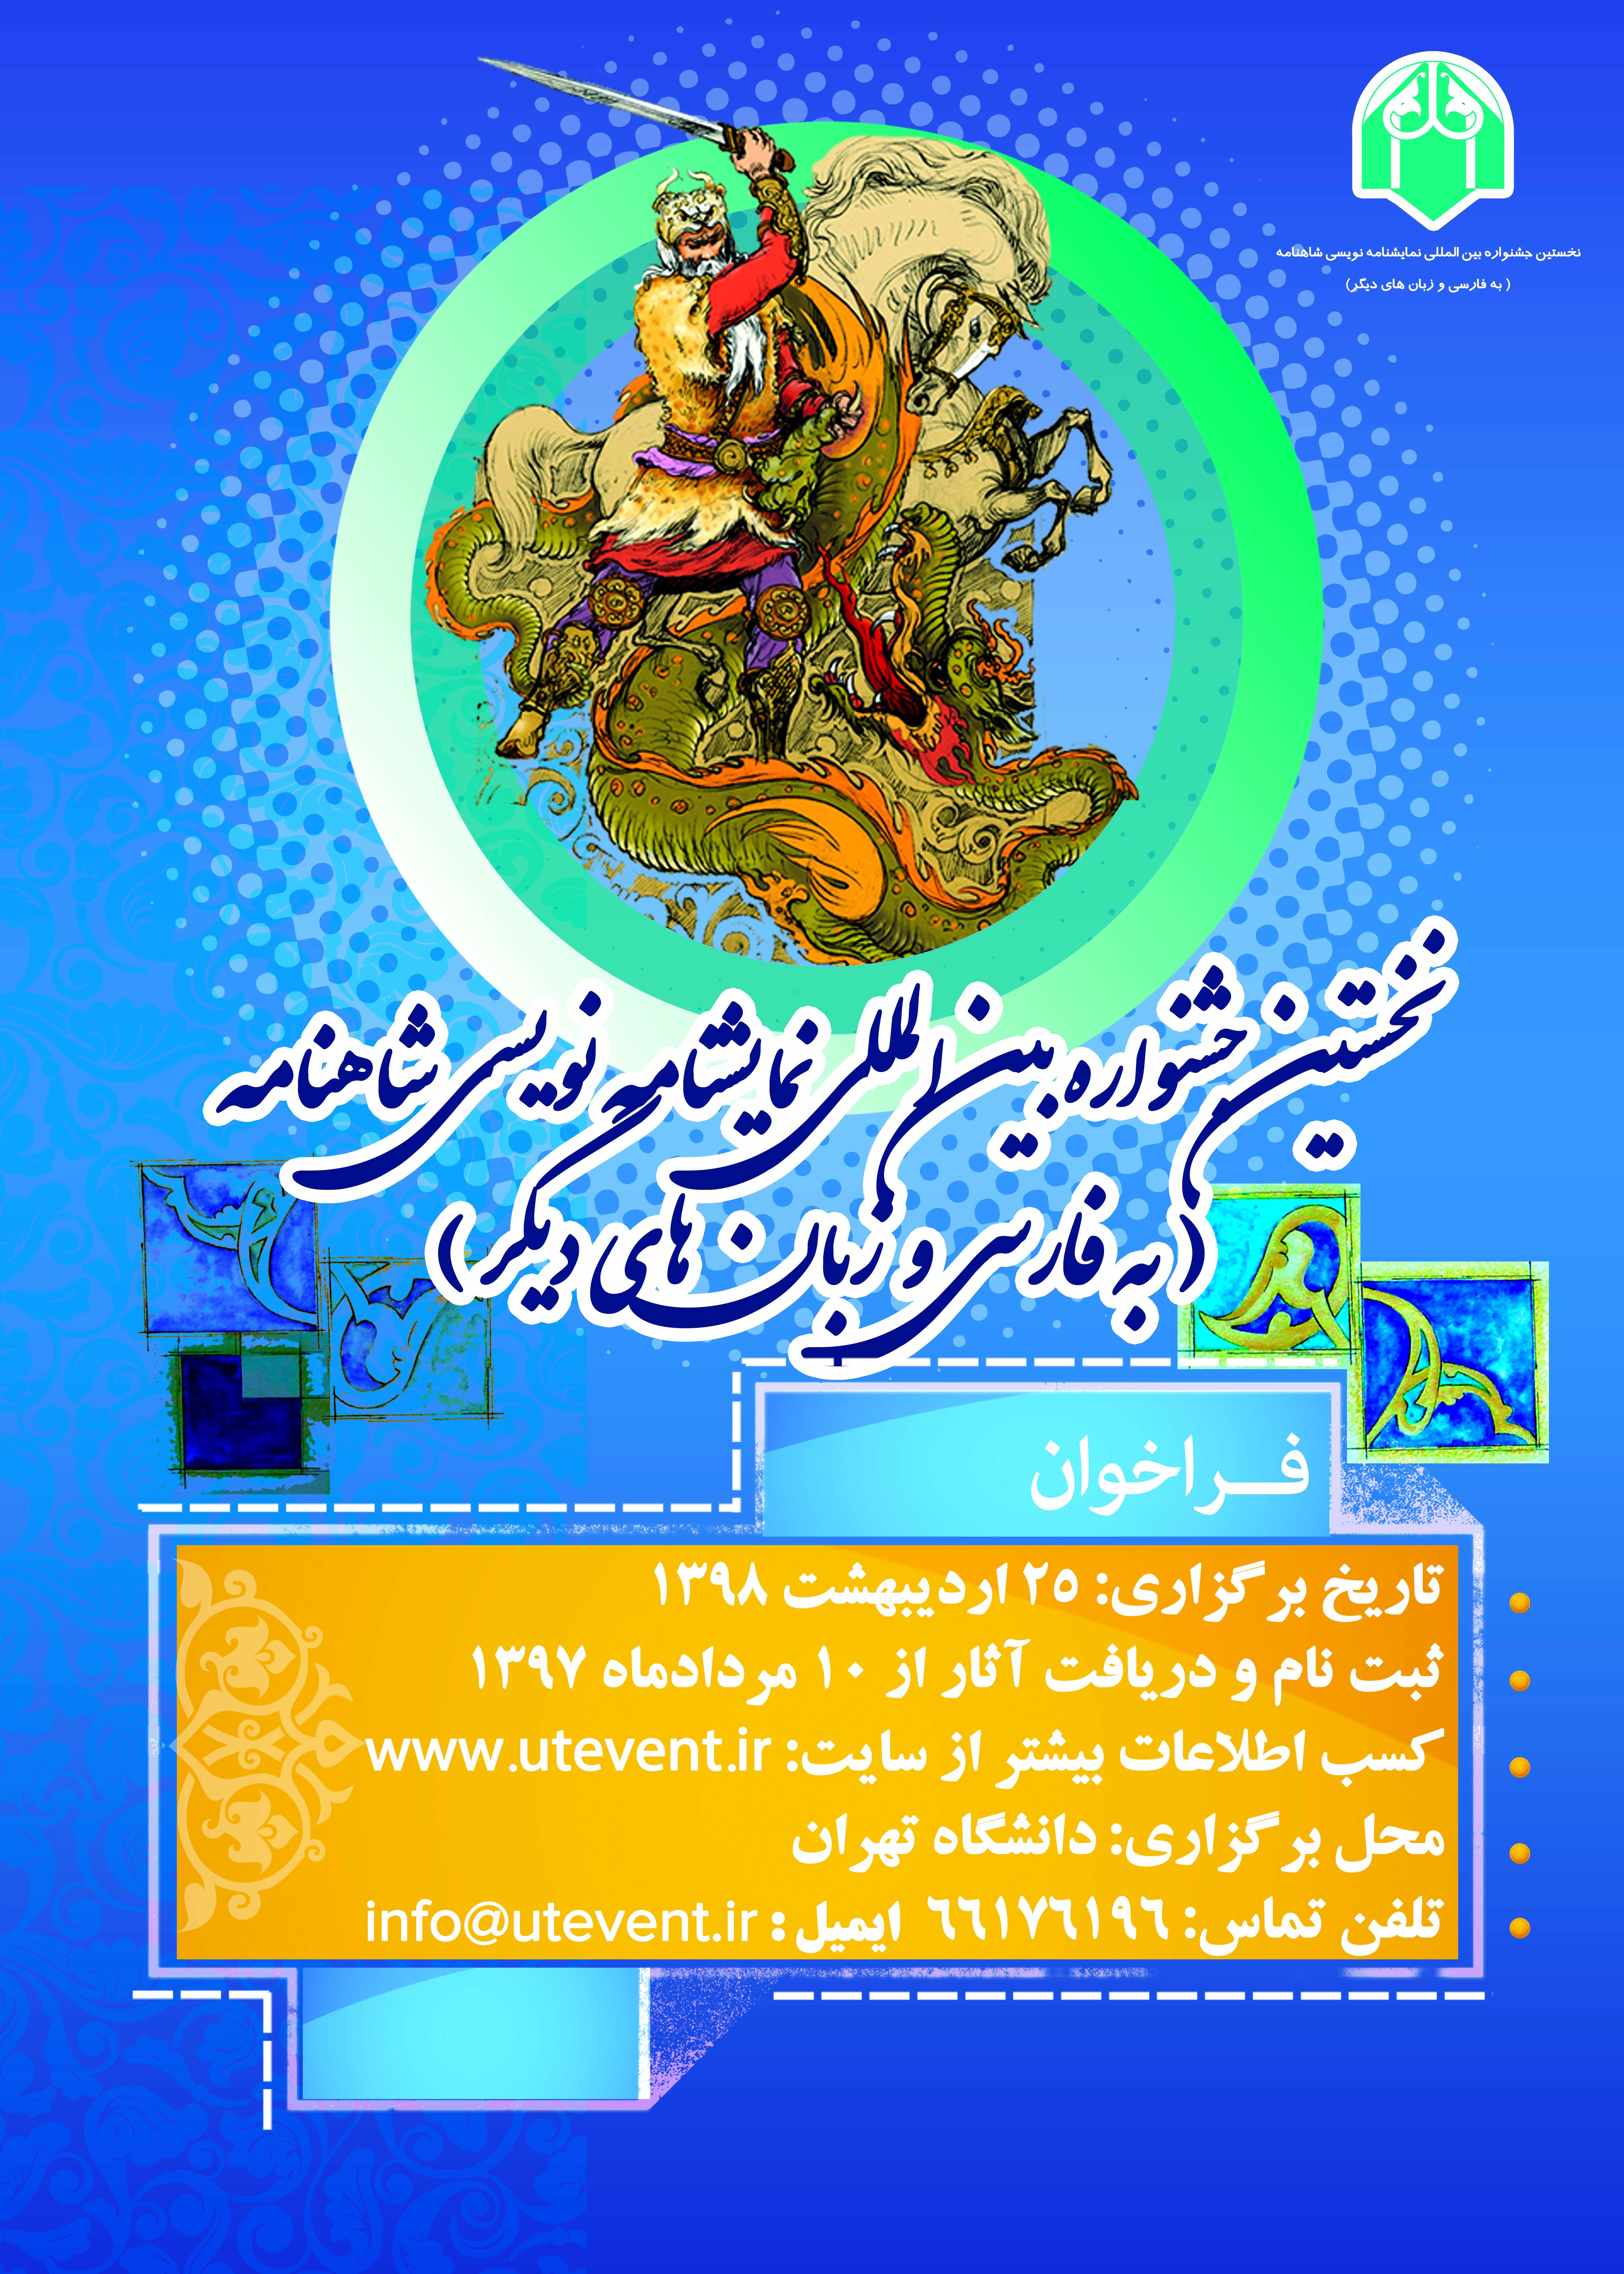 جشنواره بین المللی نمایشنامه نویسی شاهنامه